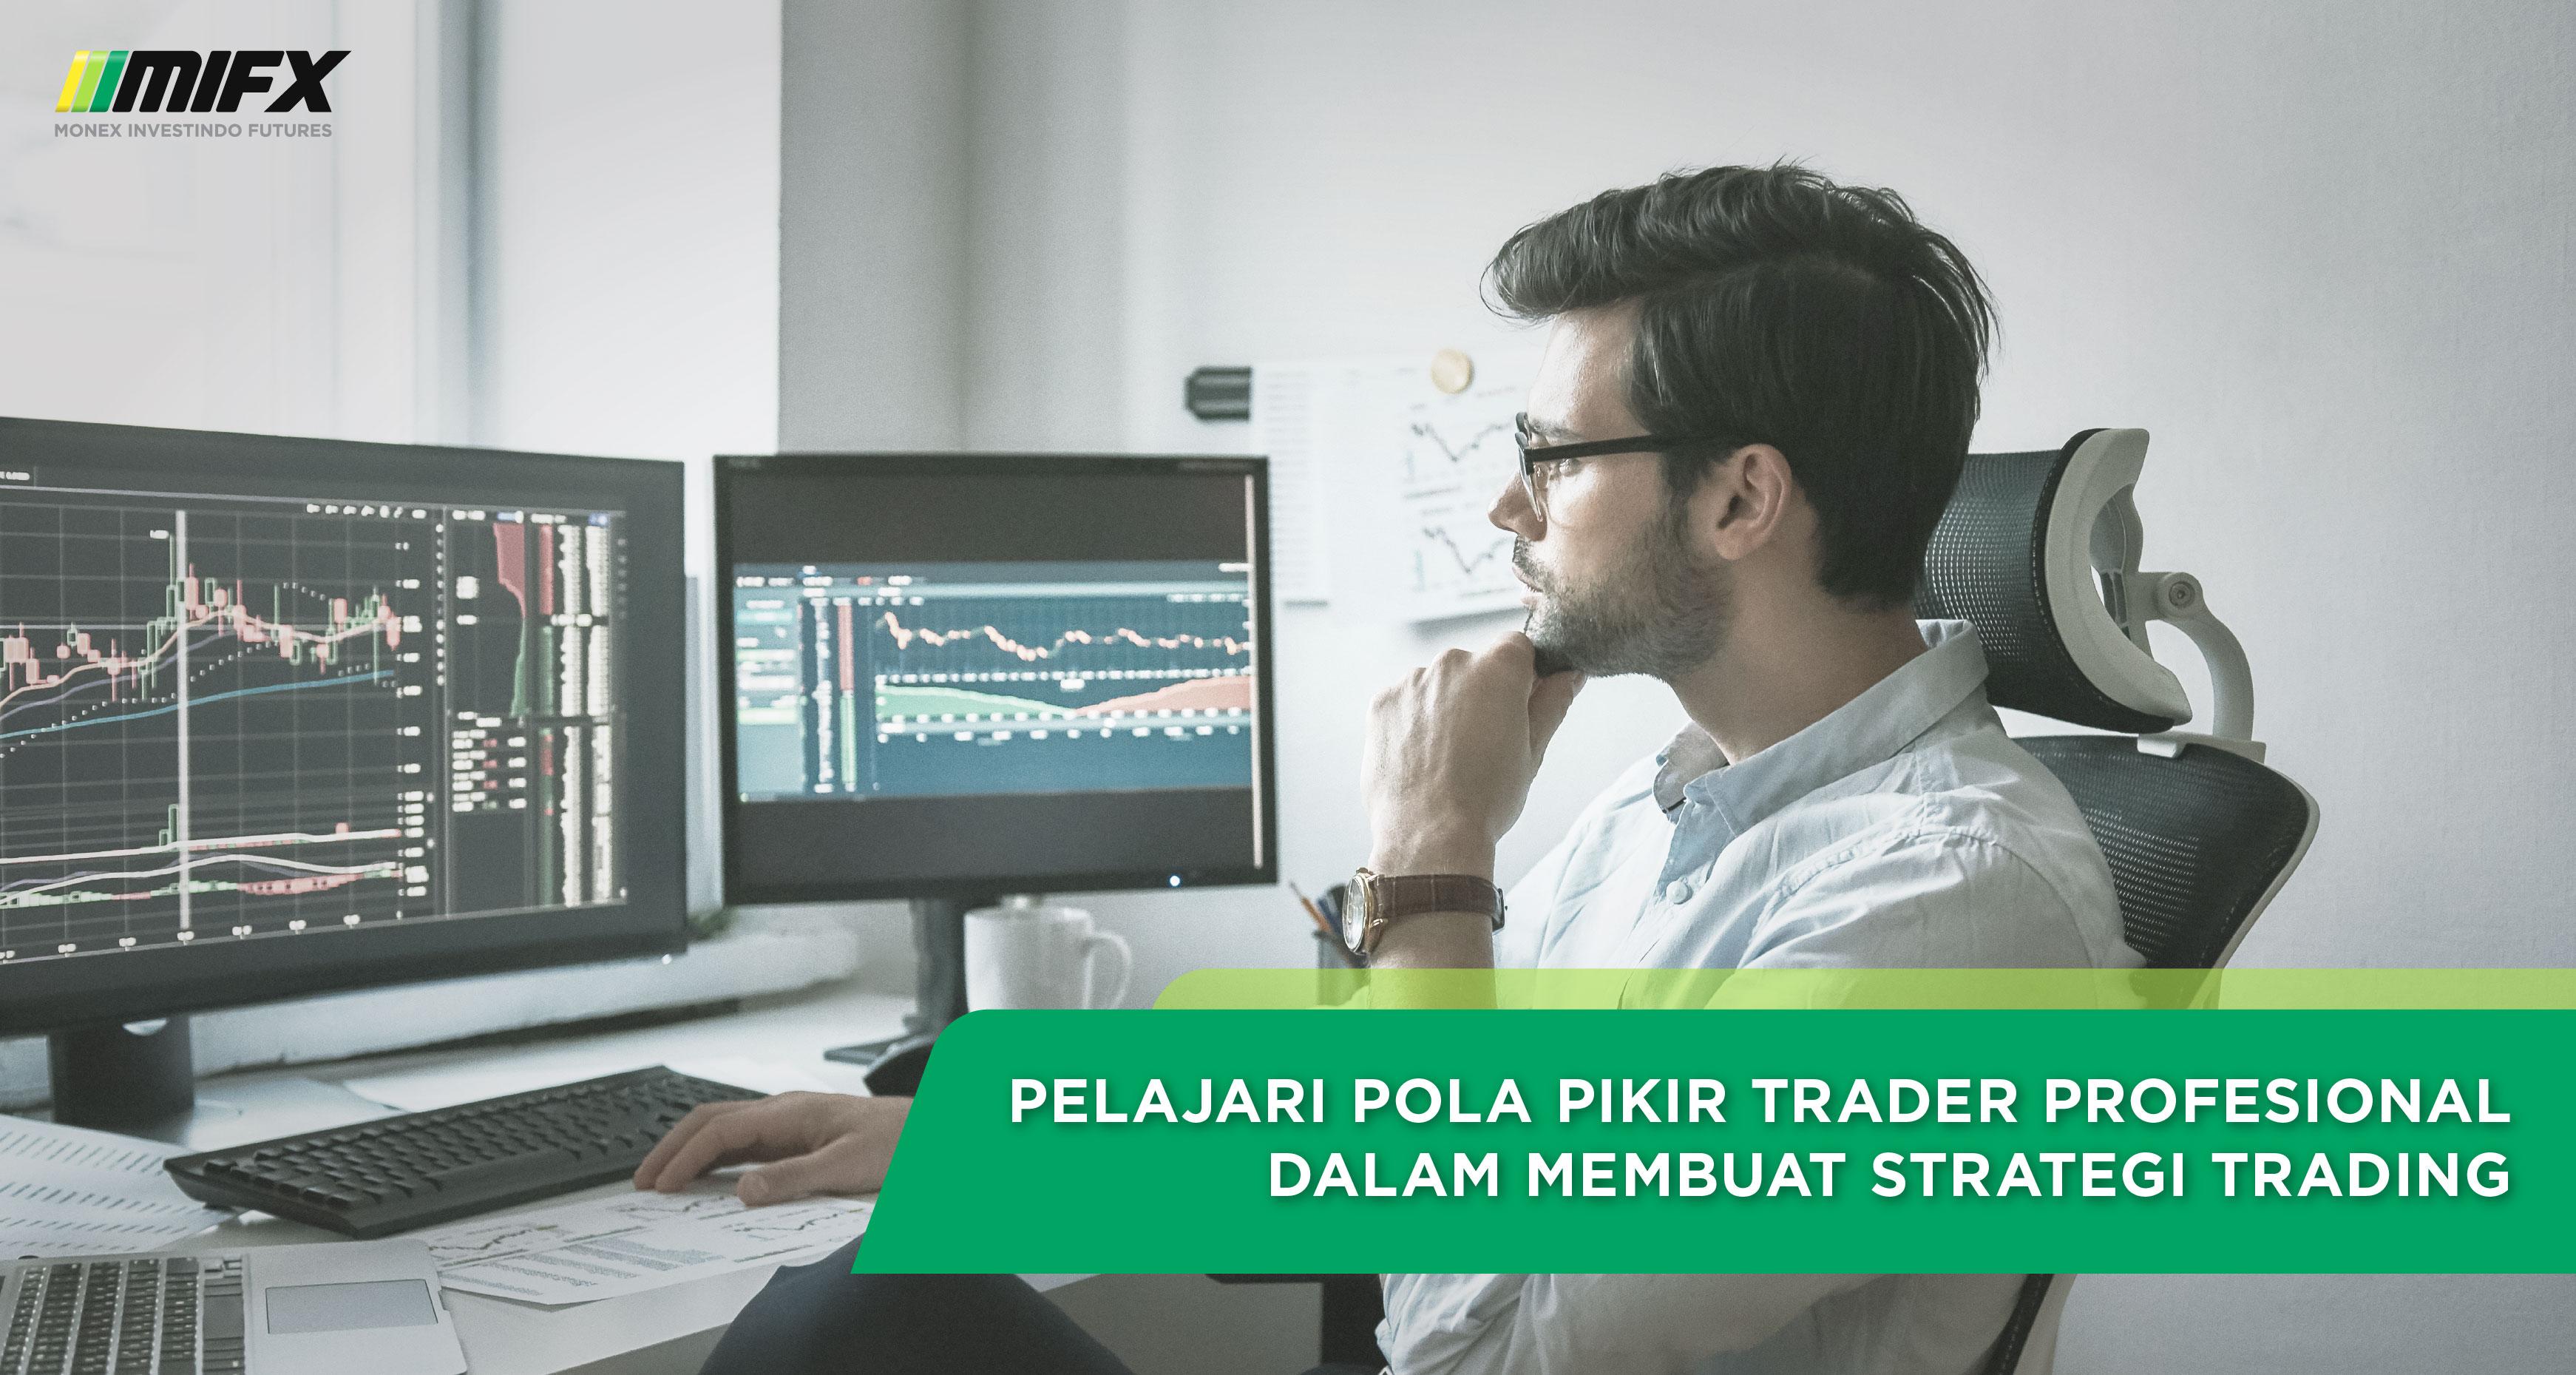 -article-02-pola-pikir-trader-pro1606993113.jpg